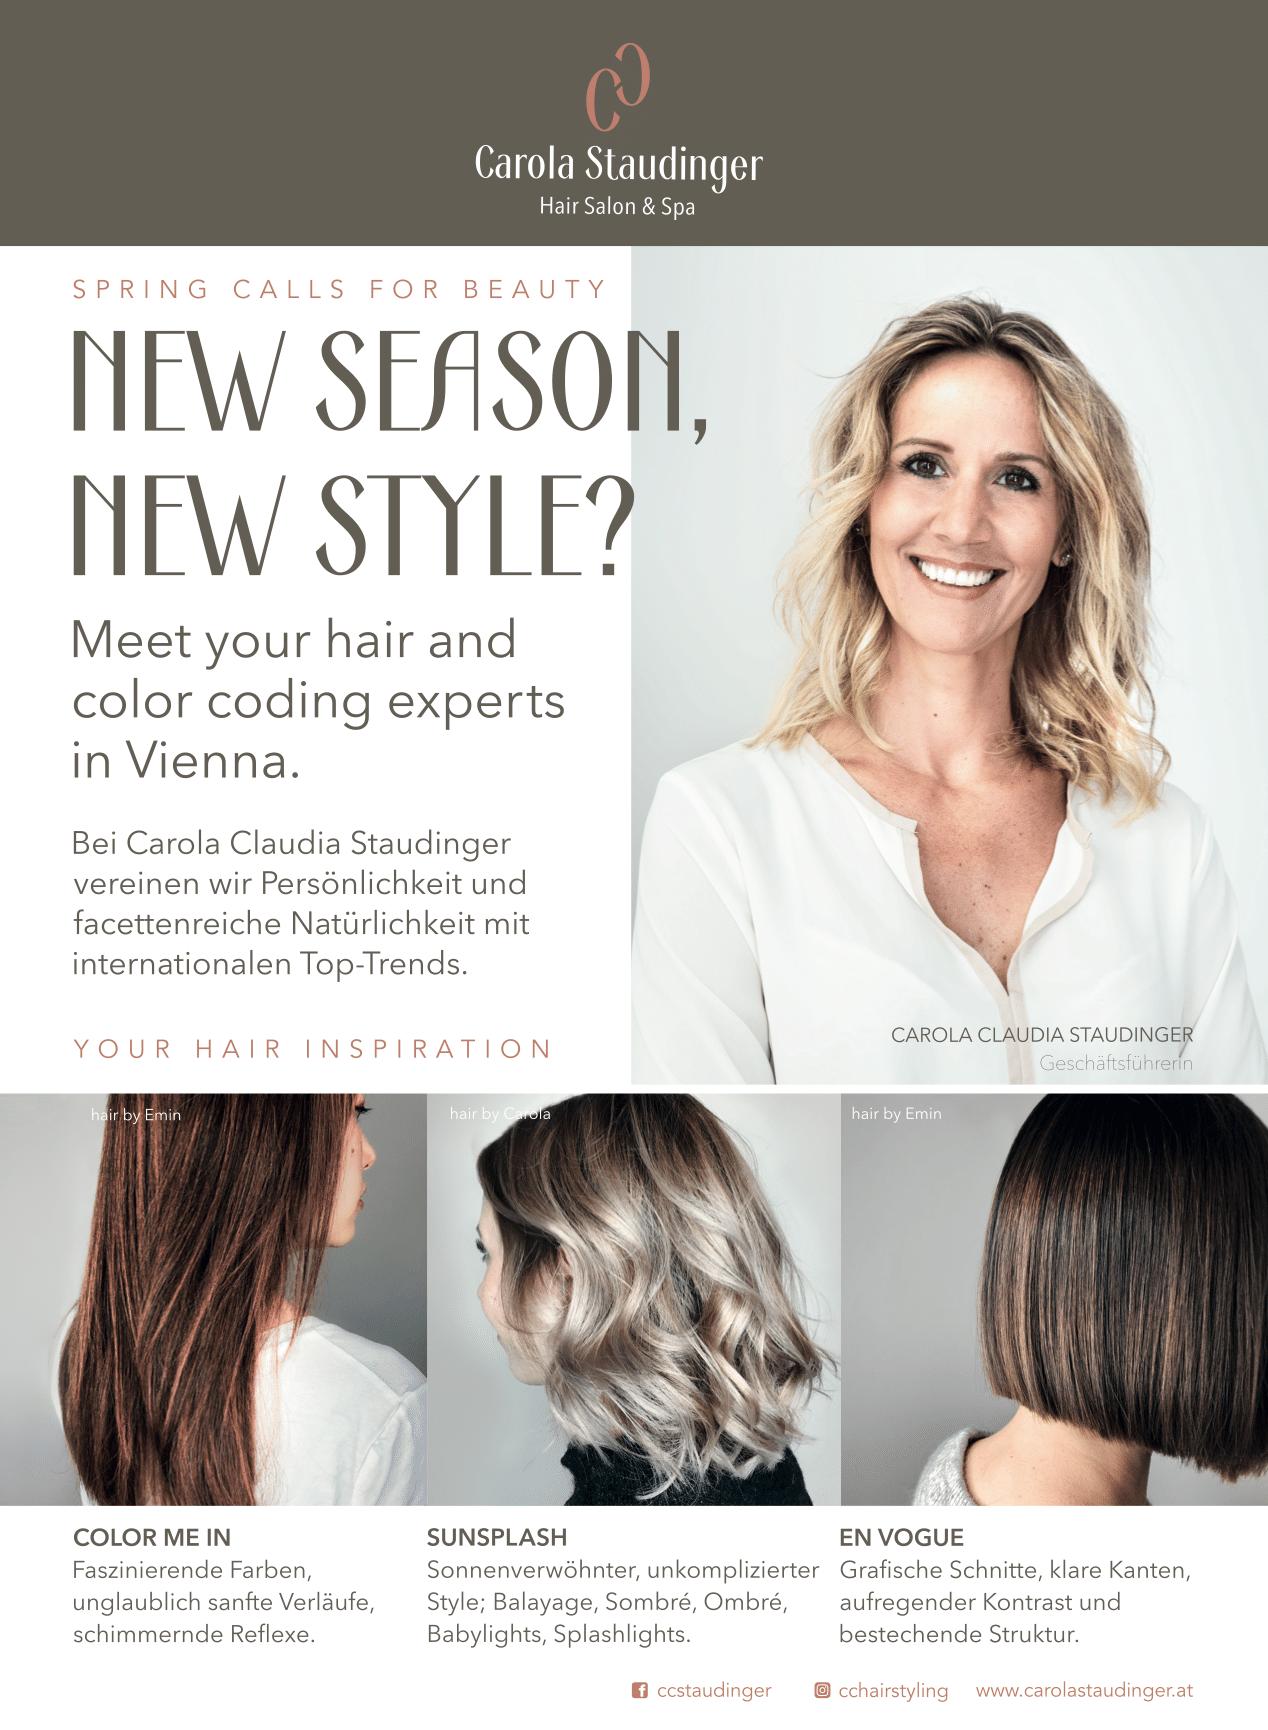 Carola Claudia Staudinger Hair Salon & Spa Spring calls for beauty. Bei Carola Claudia Staudinger vereinen wir Persönlichkeit und facettenreiche Natürlichkeit mit internationalen Top-Trends.